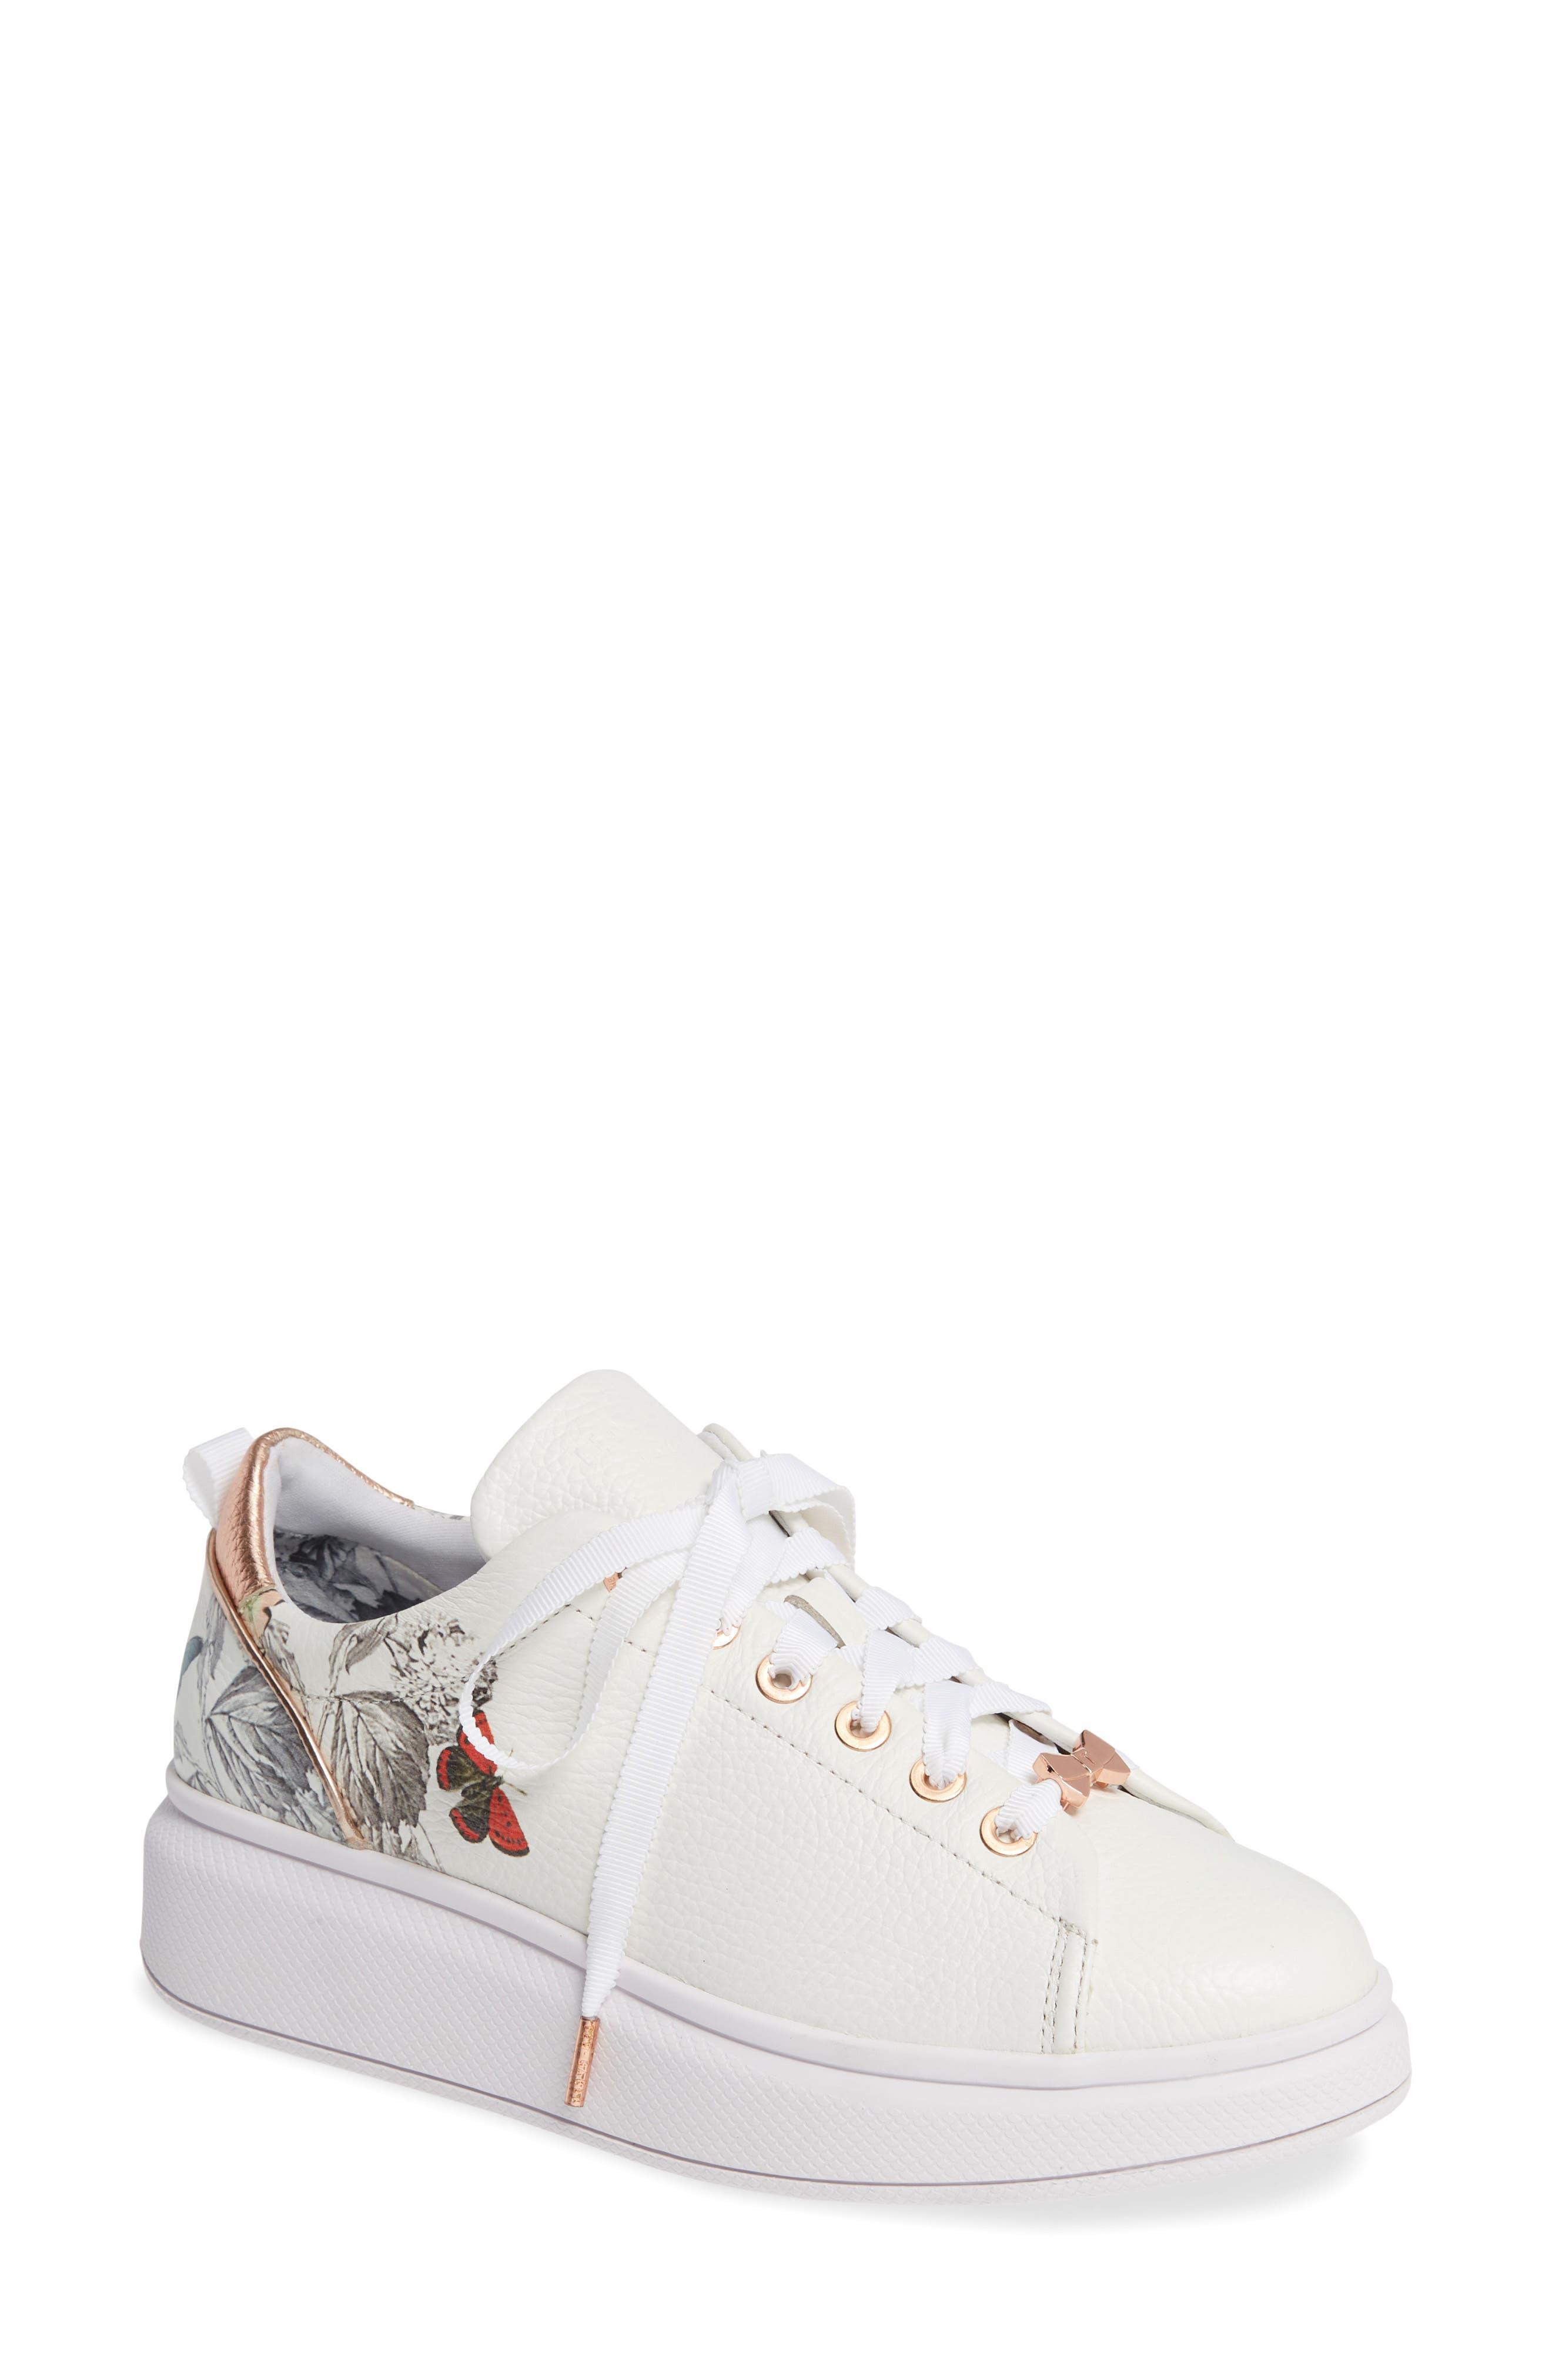 Ted Baker London Ailbe 3 Platform Sneaker, White